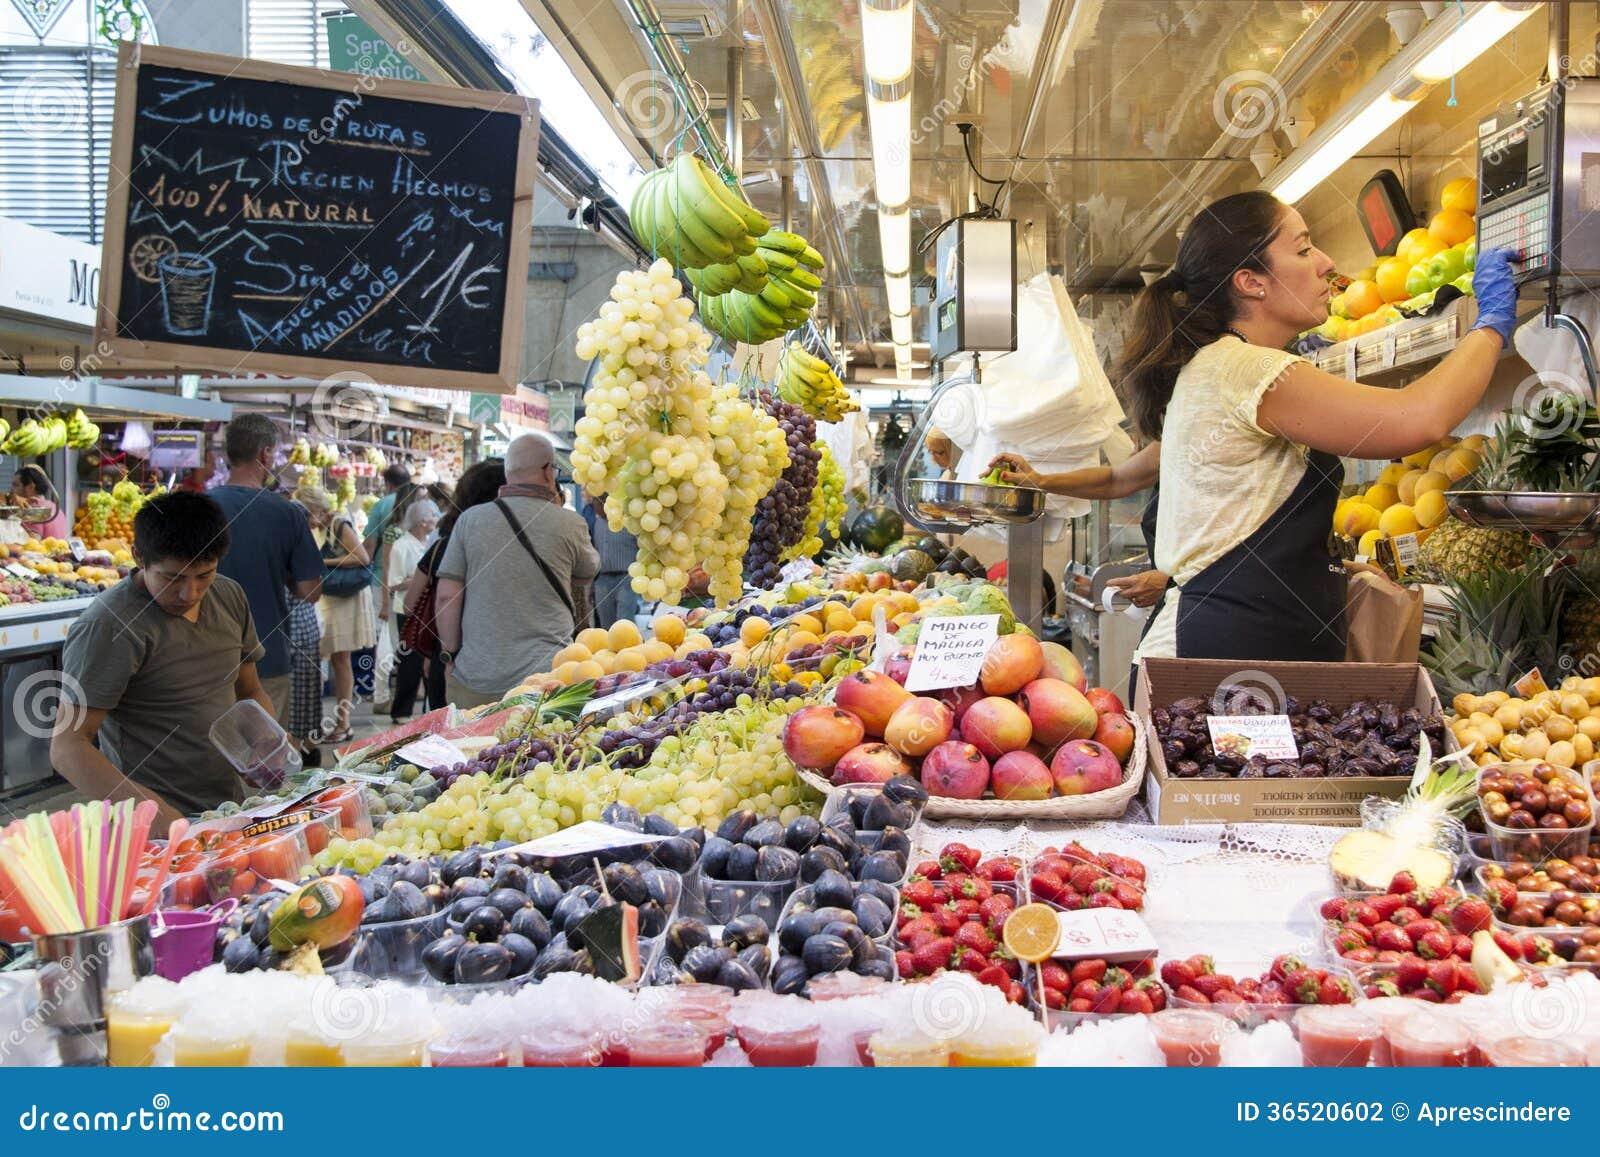 Marché de fruit à Valence - en Espagne